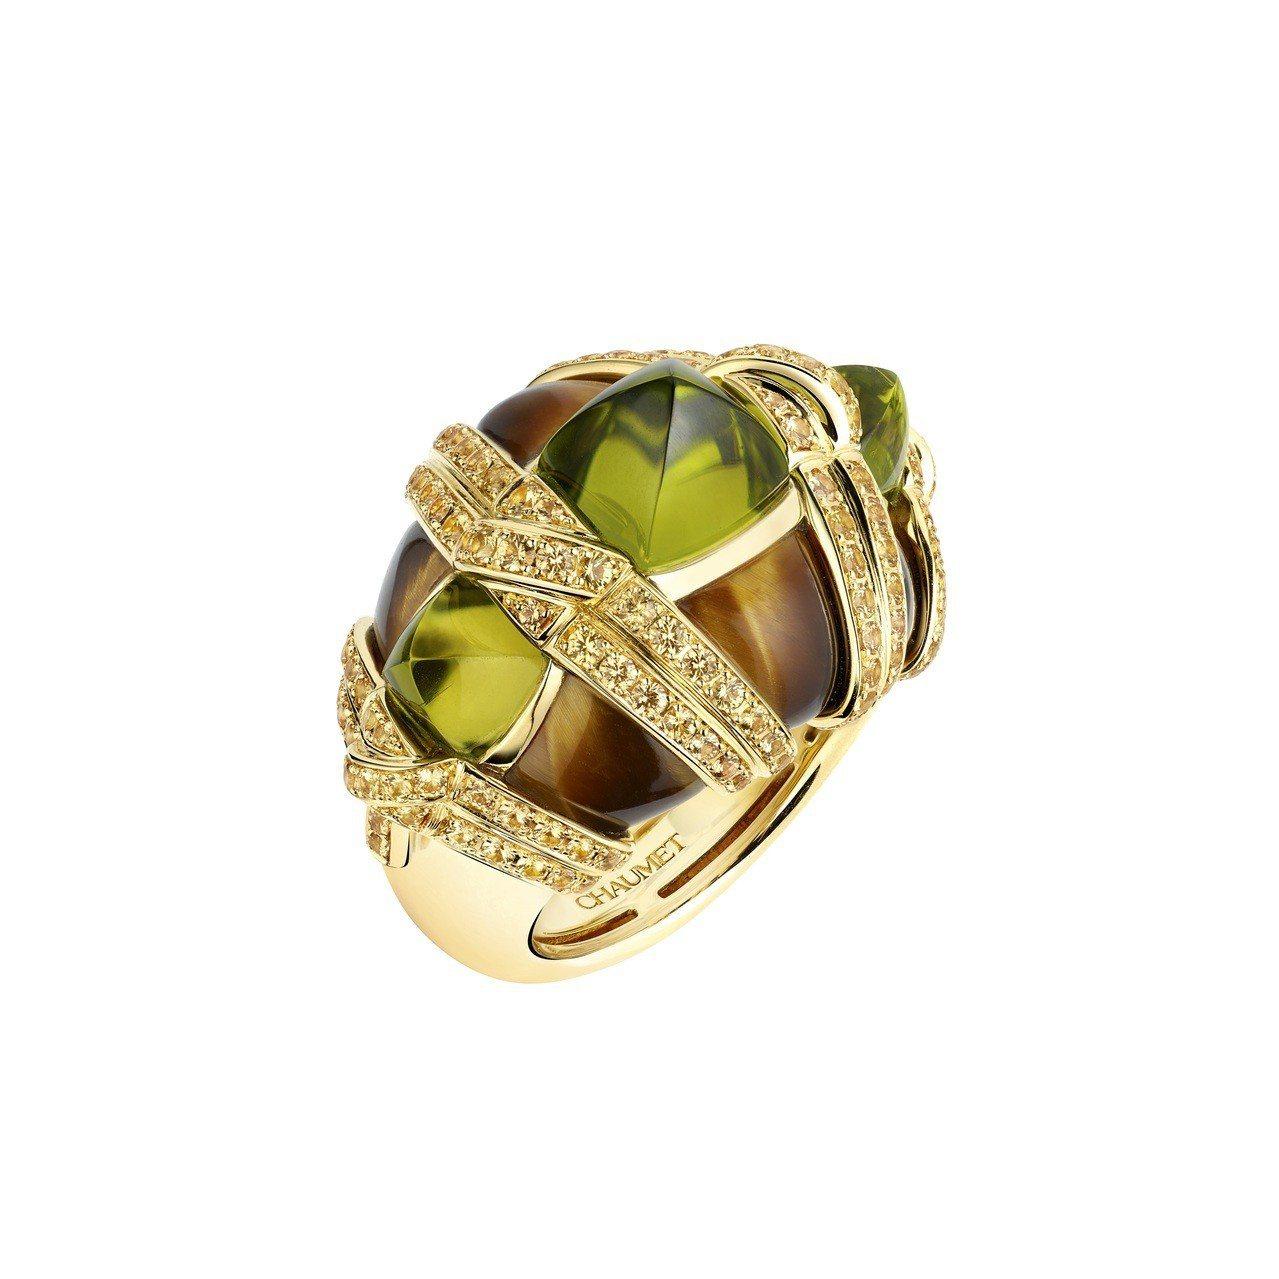 Talismania 護身圖騰系列18K黃金橄欖石戒指,227萬3,000元。圖...